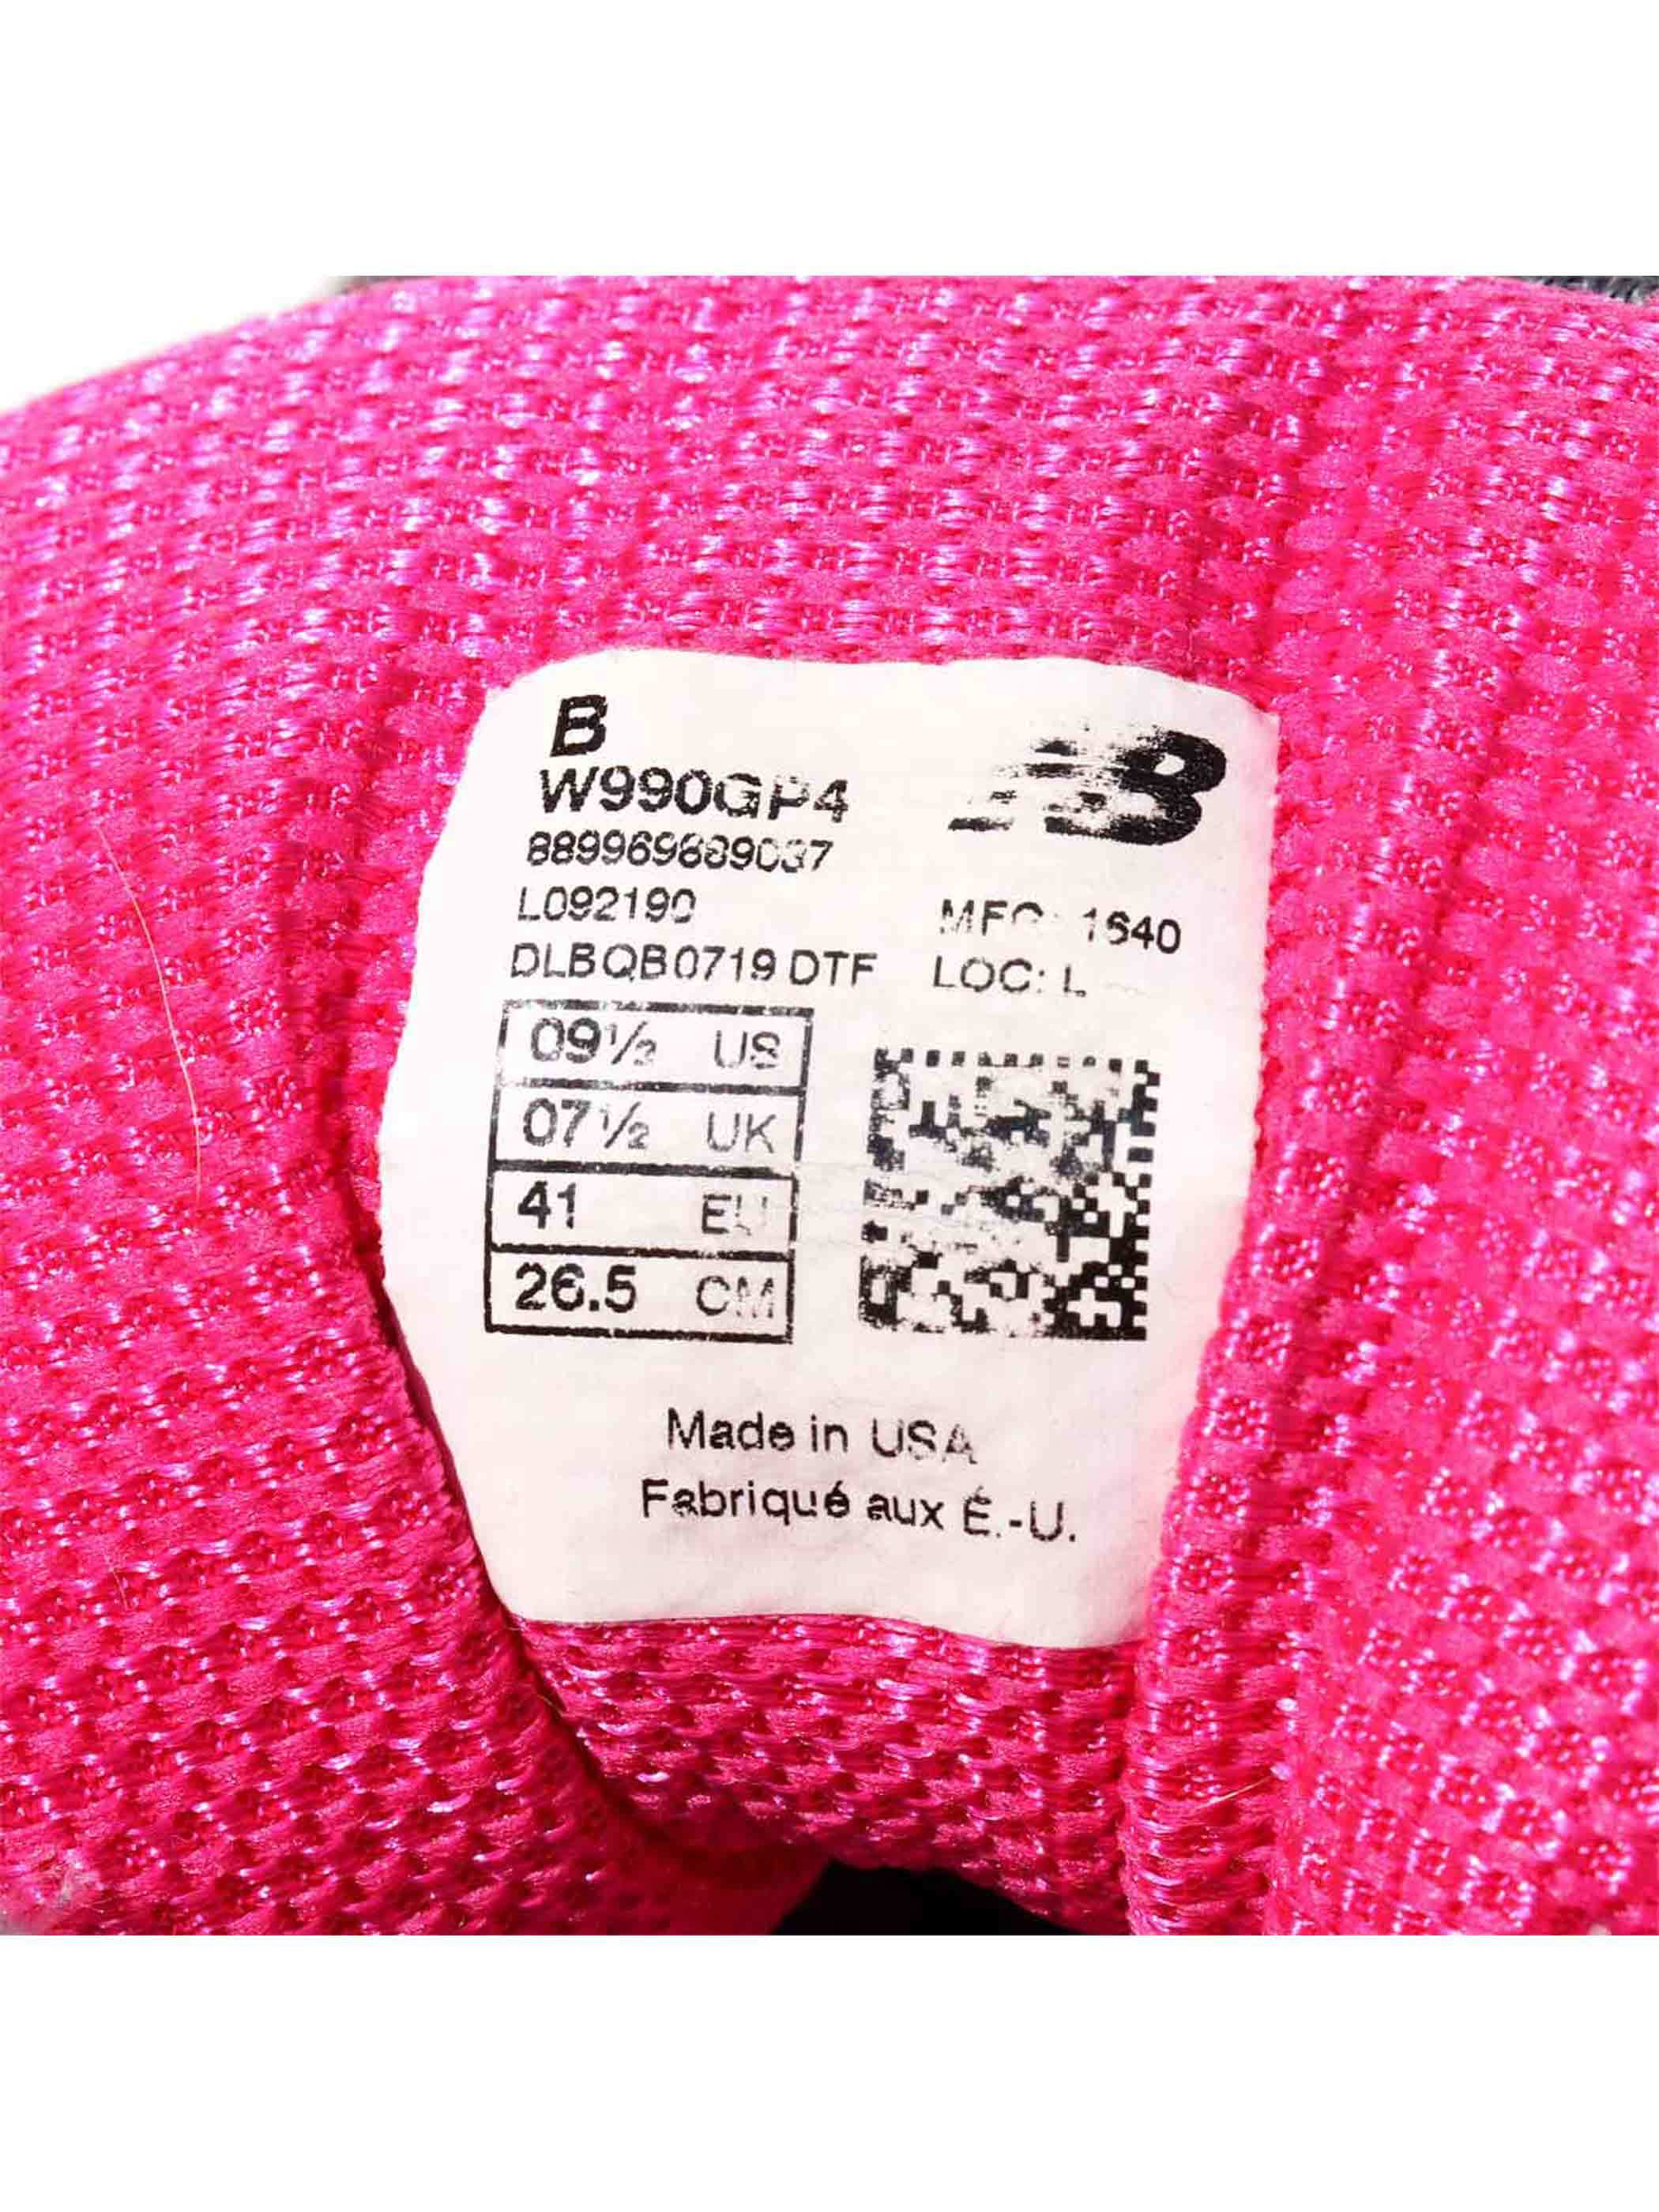 00's~ NEW BALANCE 990v4 USA製 スニーカー [Women's US9.5]